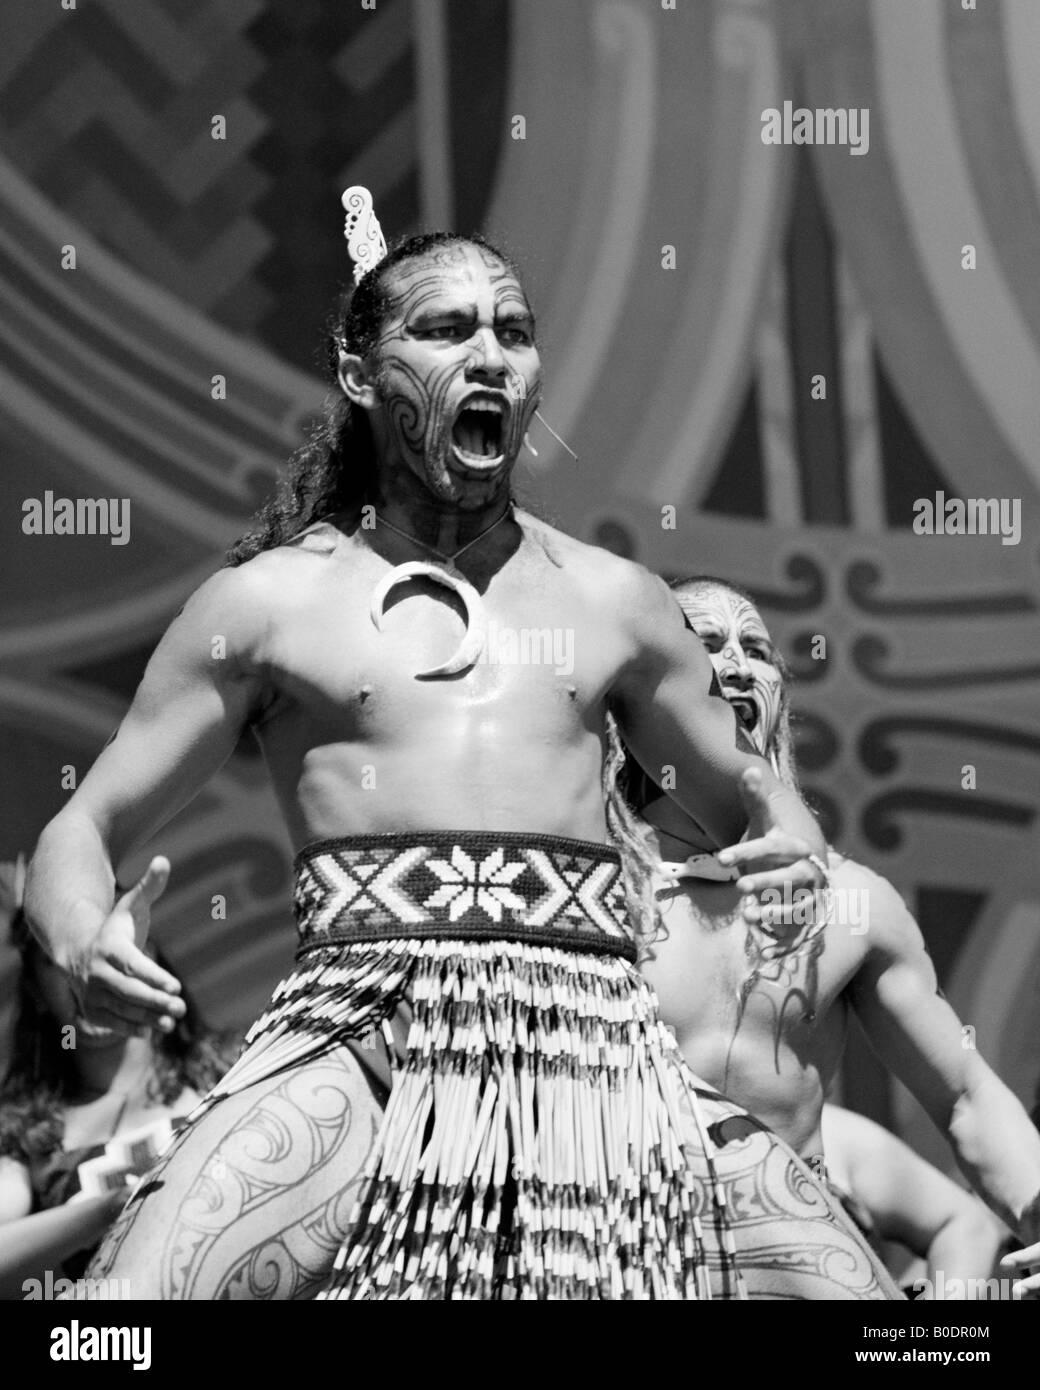 Maori haka performed by Whangara Mai Tawhiti Upper Hutt New Zealand - Stock Image